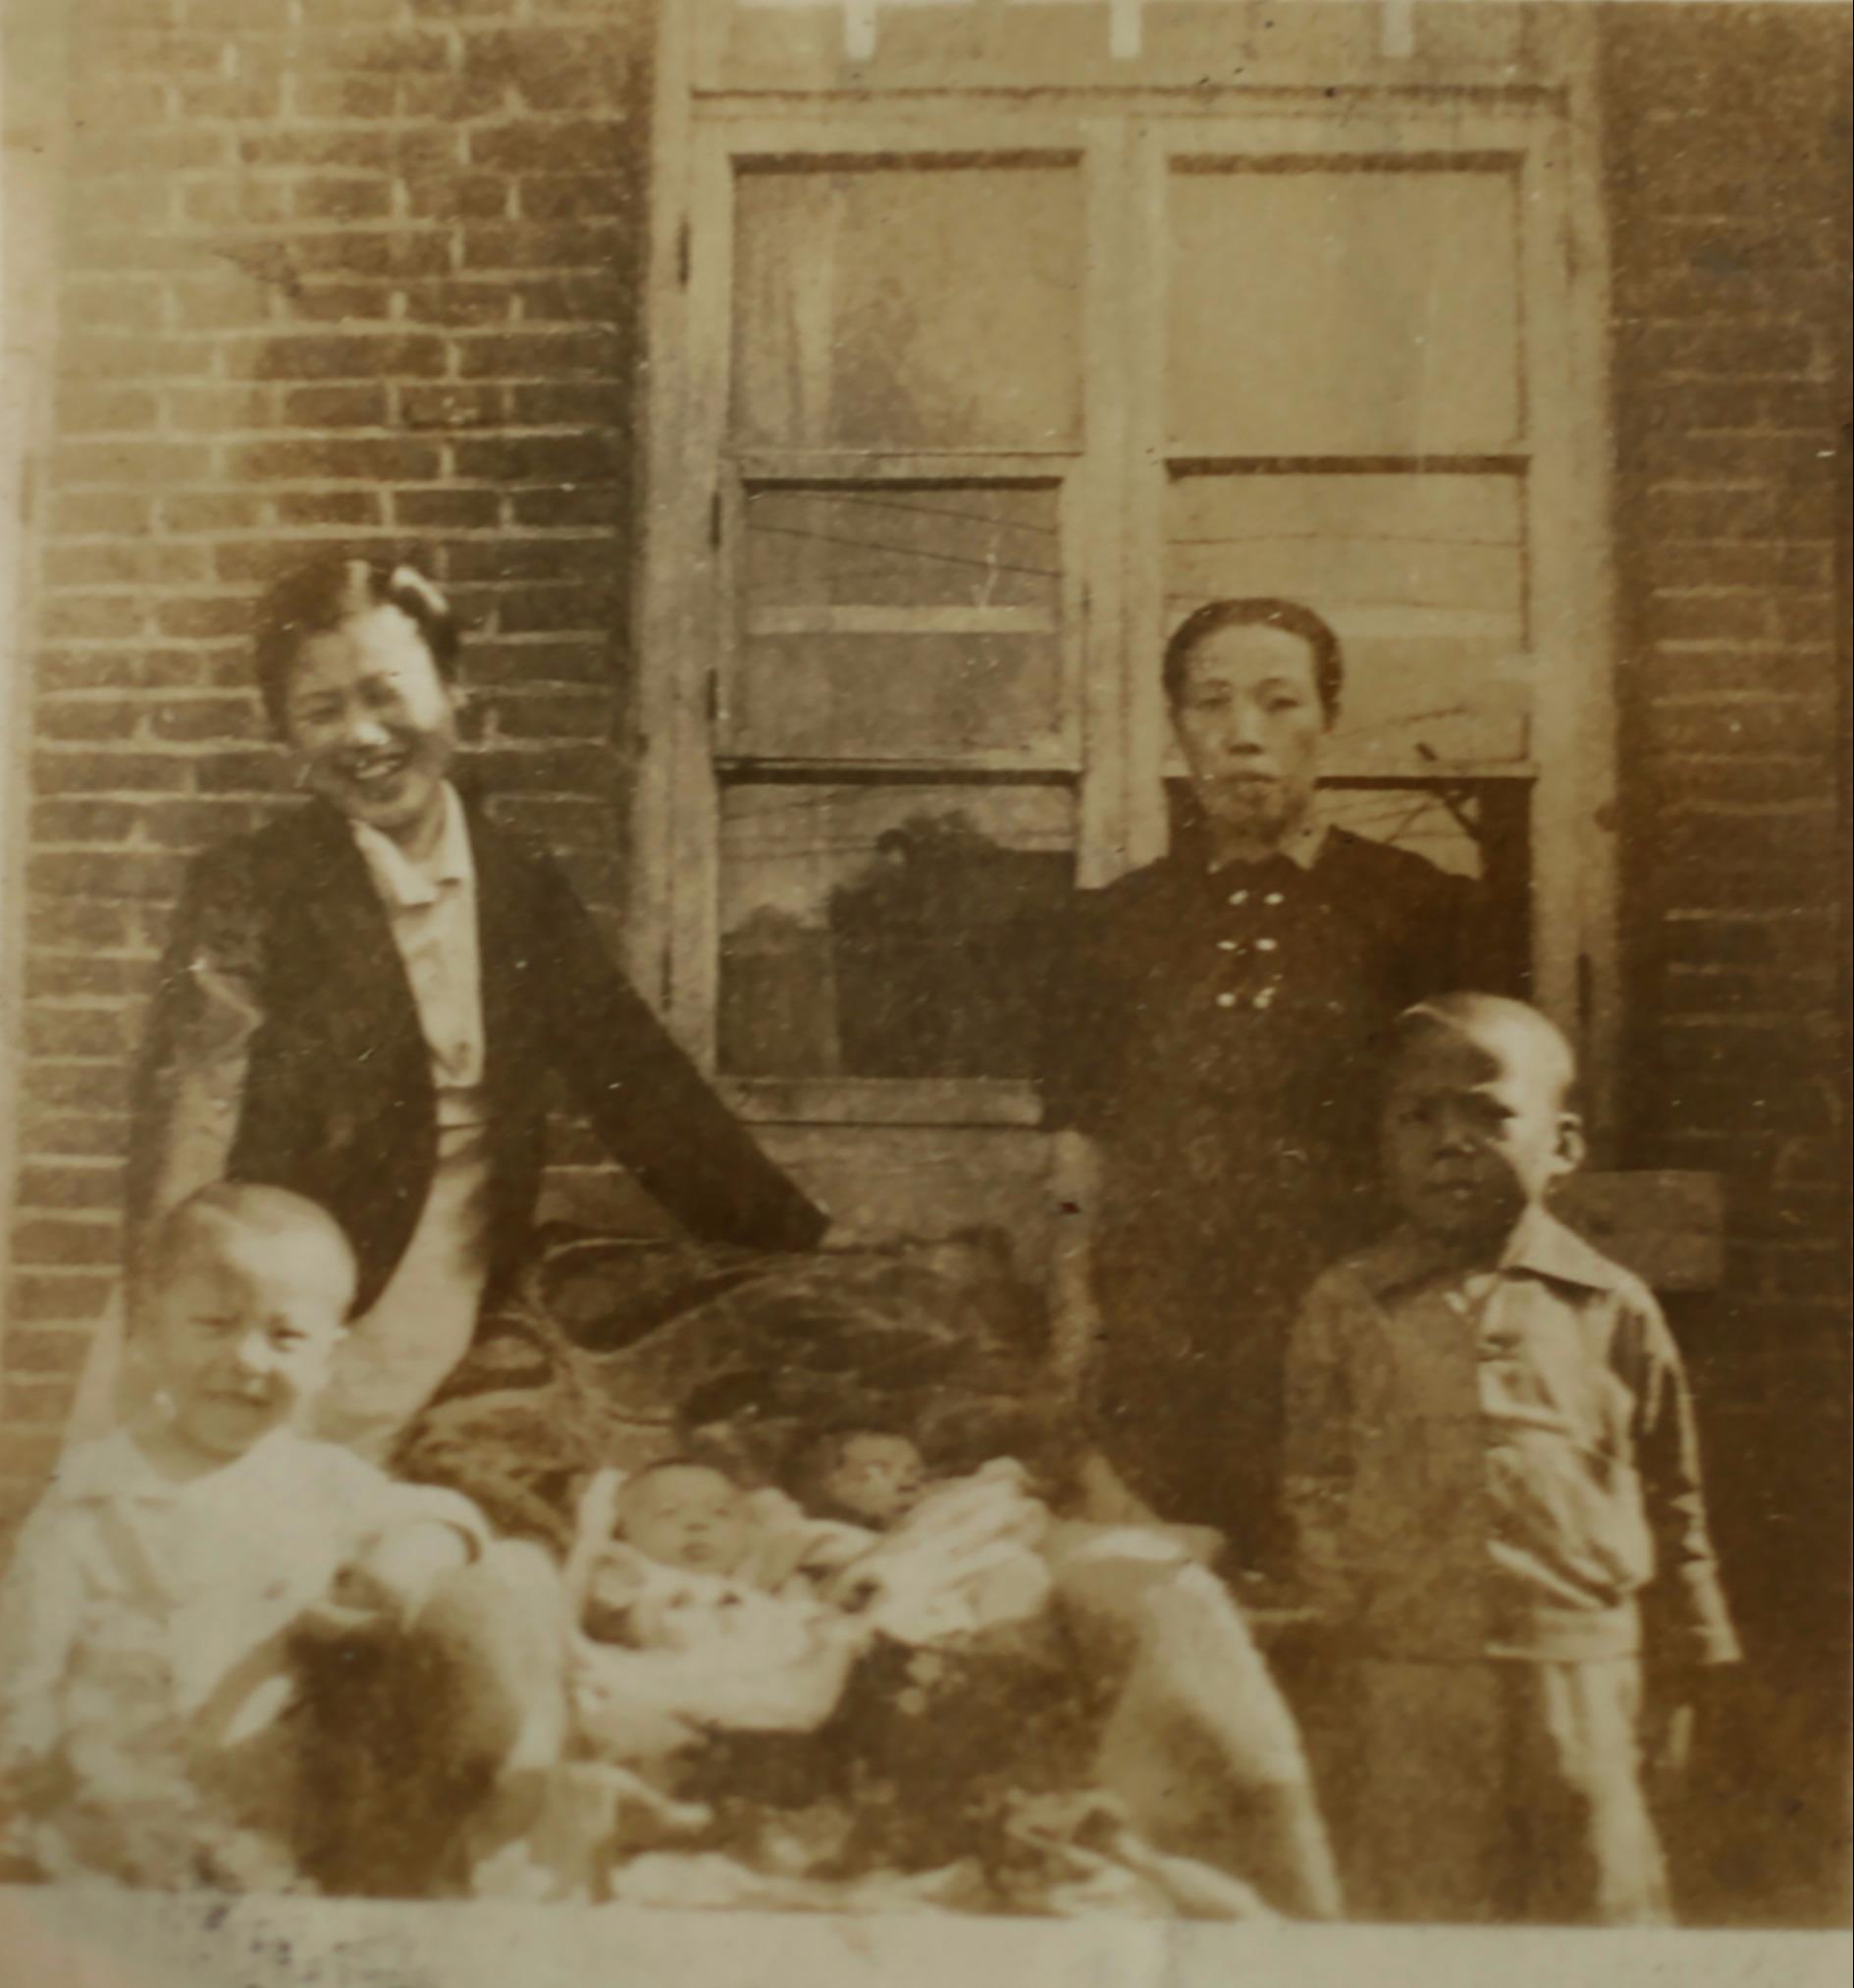 第二排左側的是我的母親,那時她只有二十五歲,右側是二大伯娘。